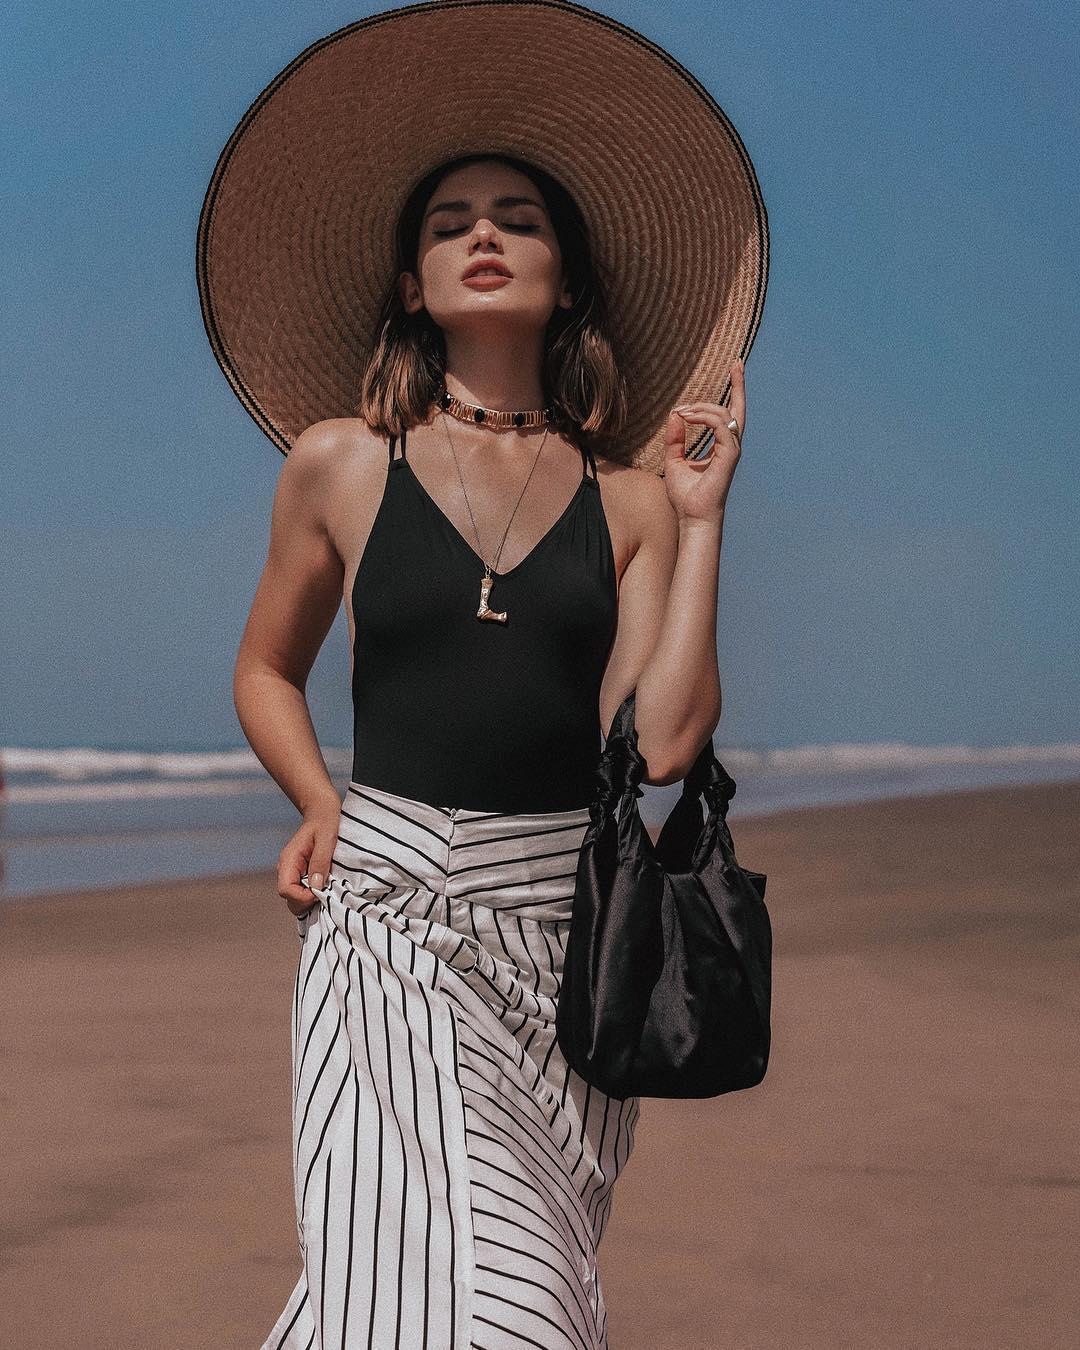 Mũ cói rộng vành cỡ lớn kết hợp cùng bikini mùa Hè